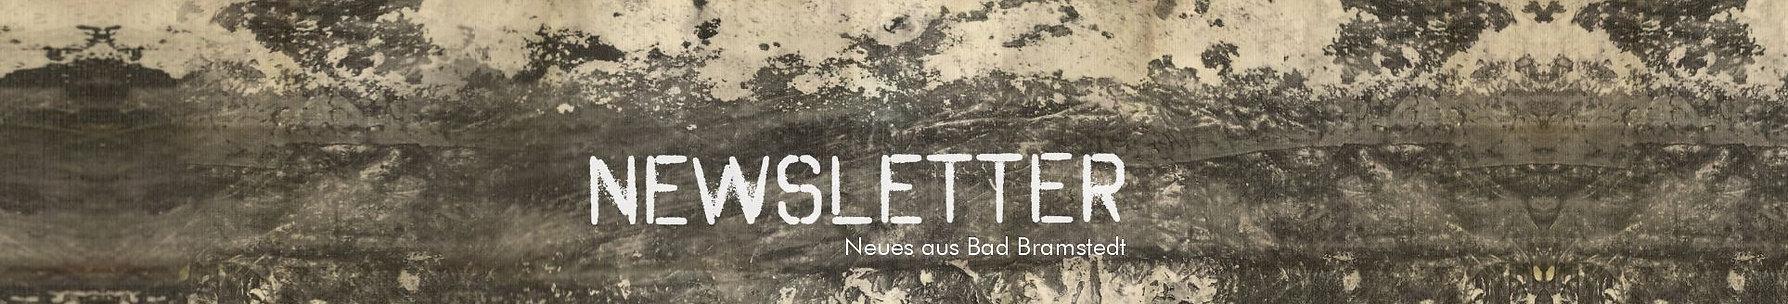 201127-Ribbeck-Newsletter-oberer-Frame-1